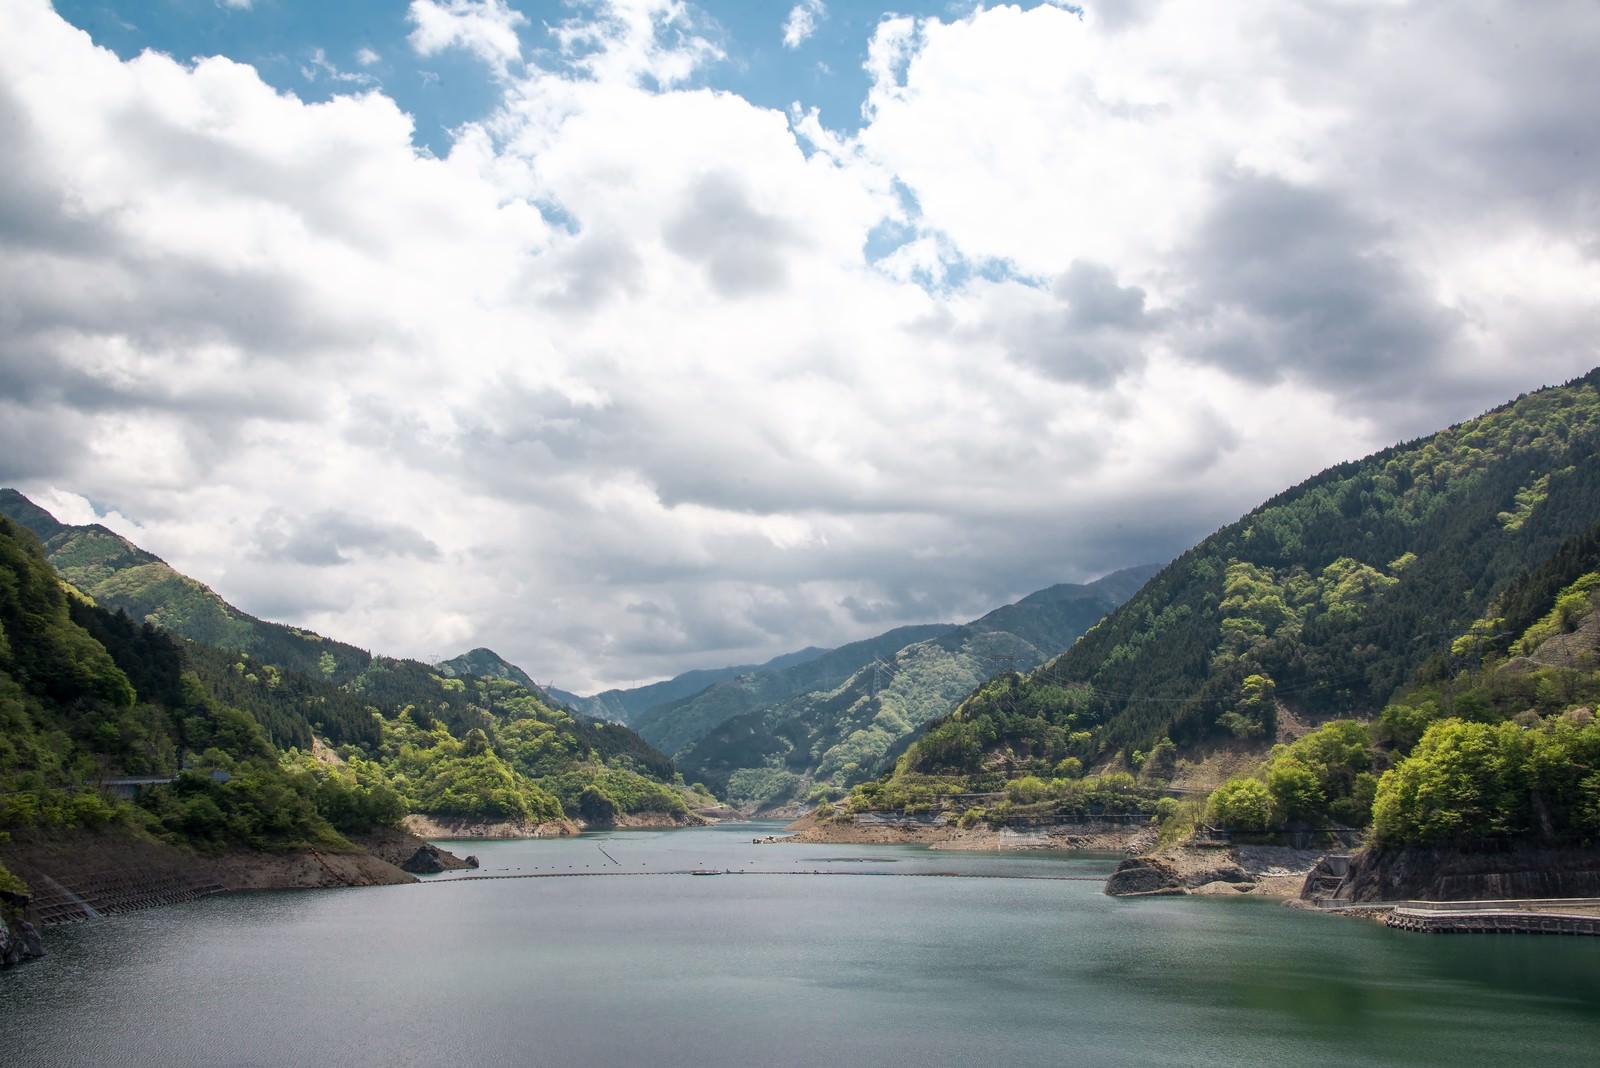 「山々とダム」の写真